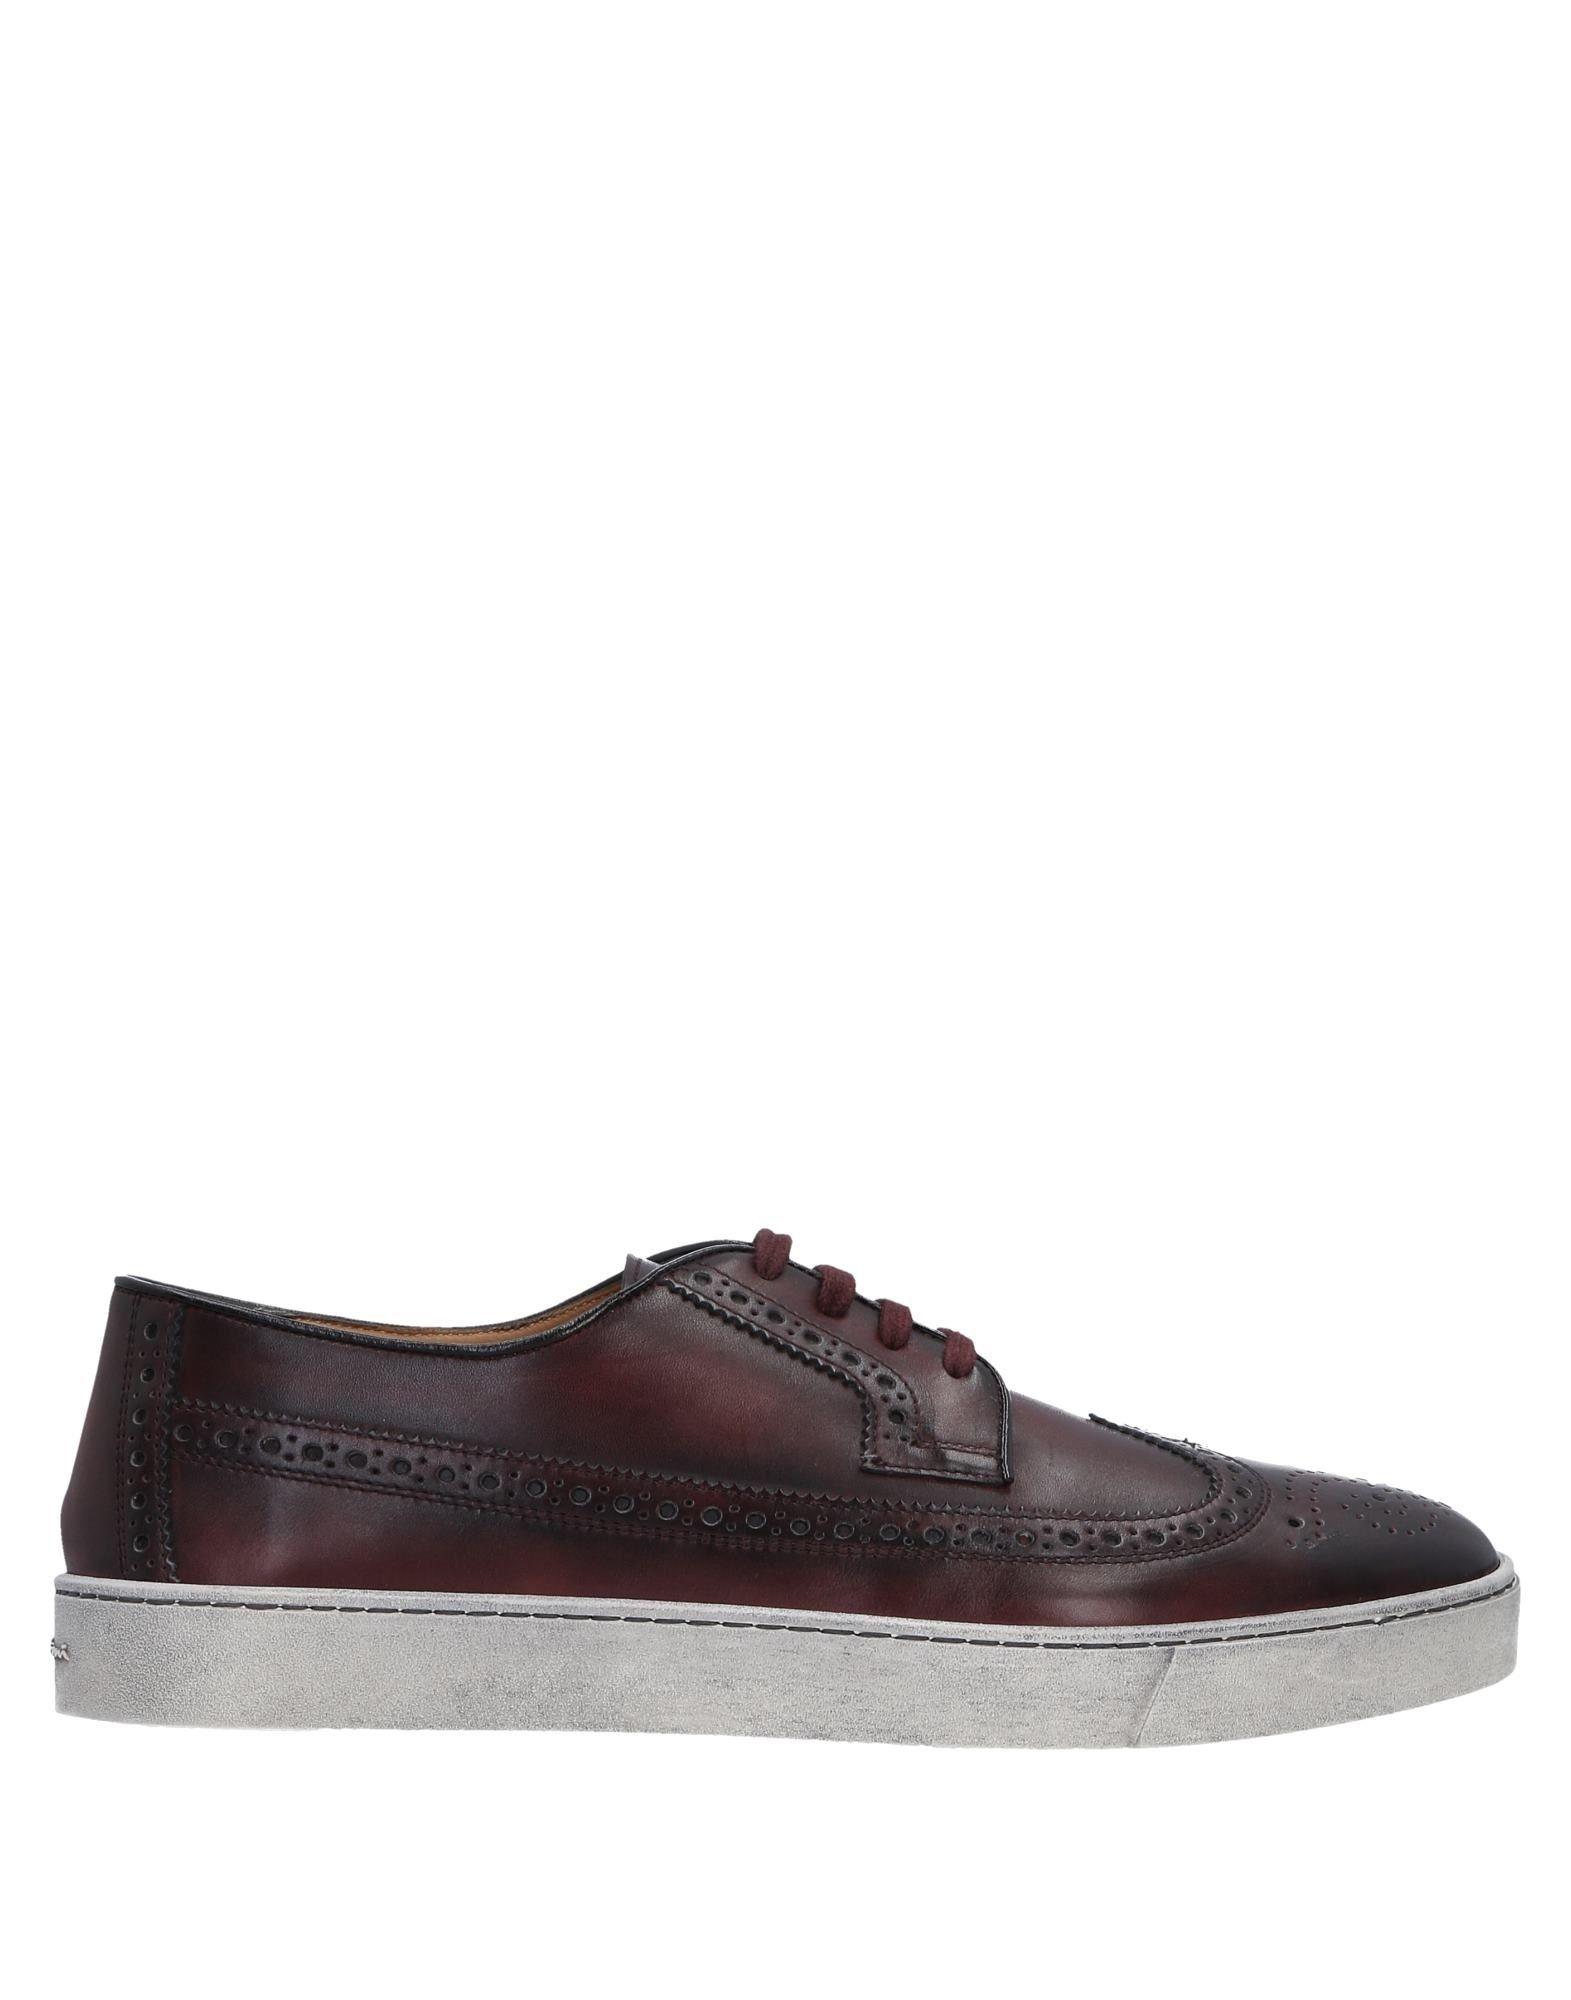 Santoni Schnürschuhe Herren  11540096FK Gute Qualität beliebte Schuhe